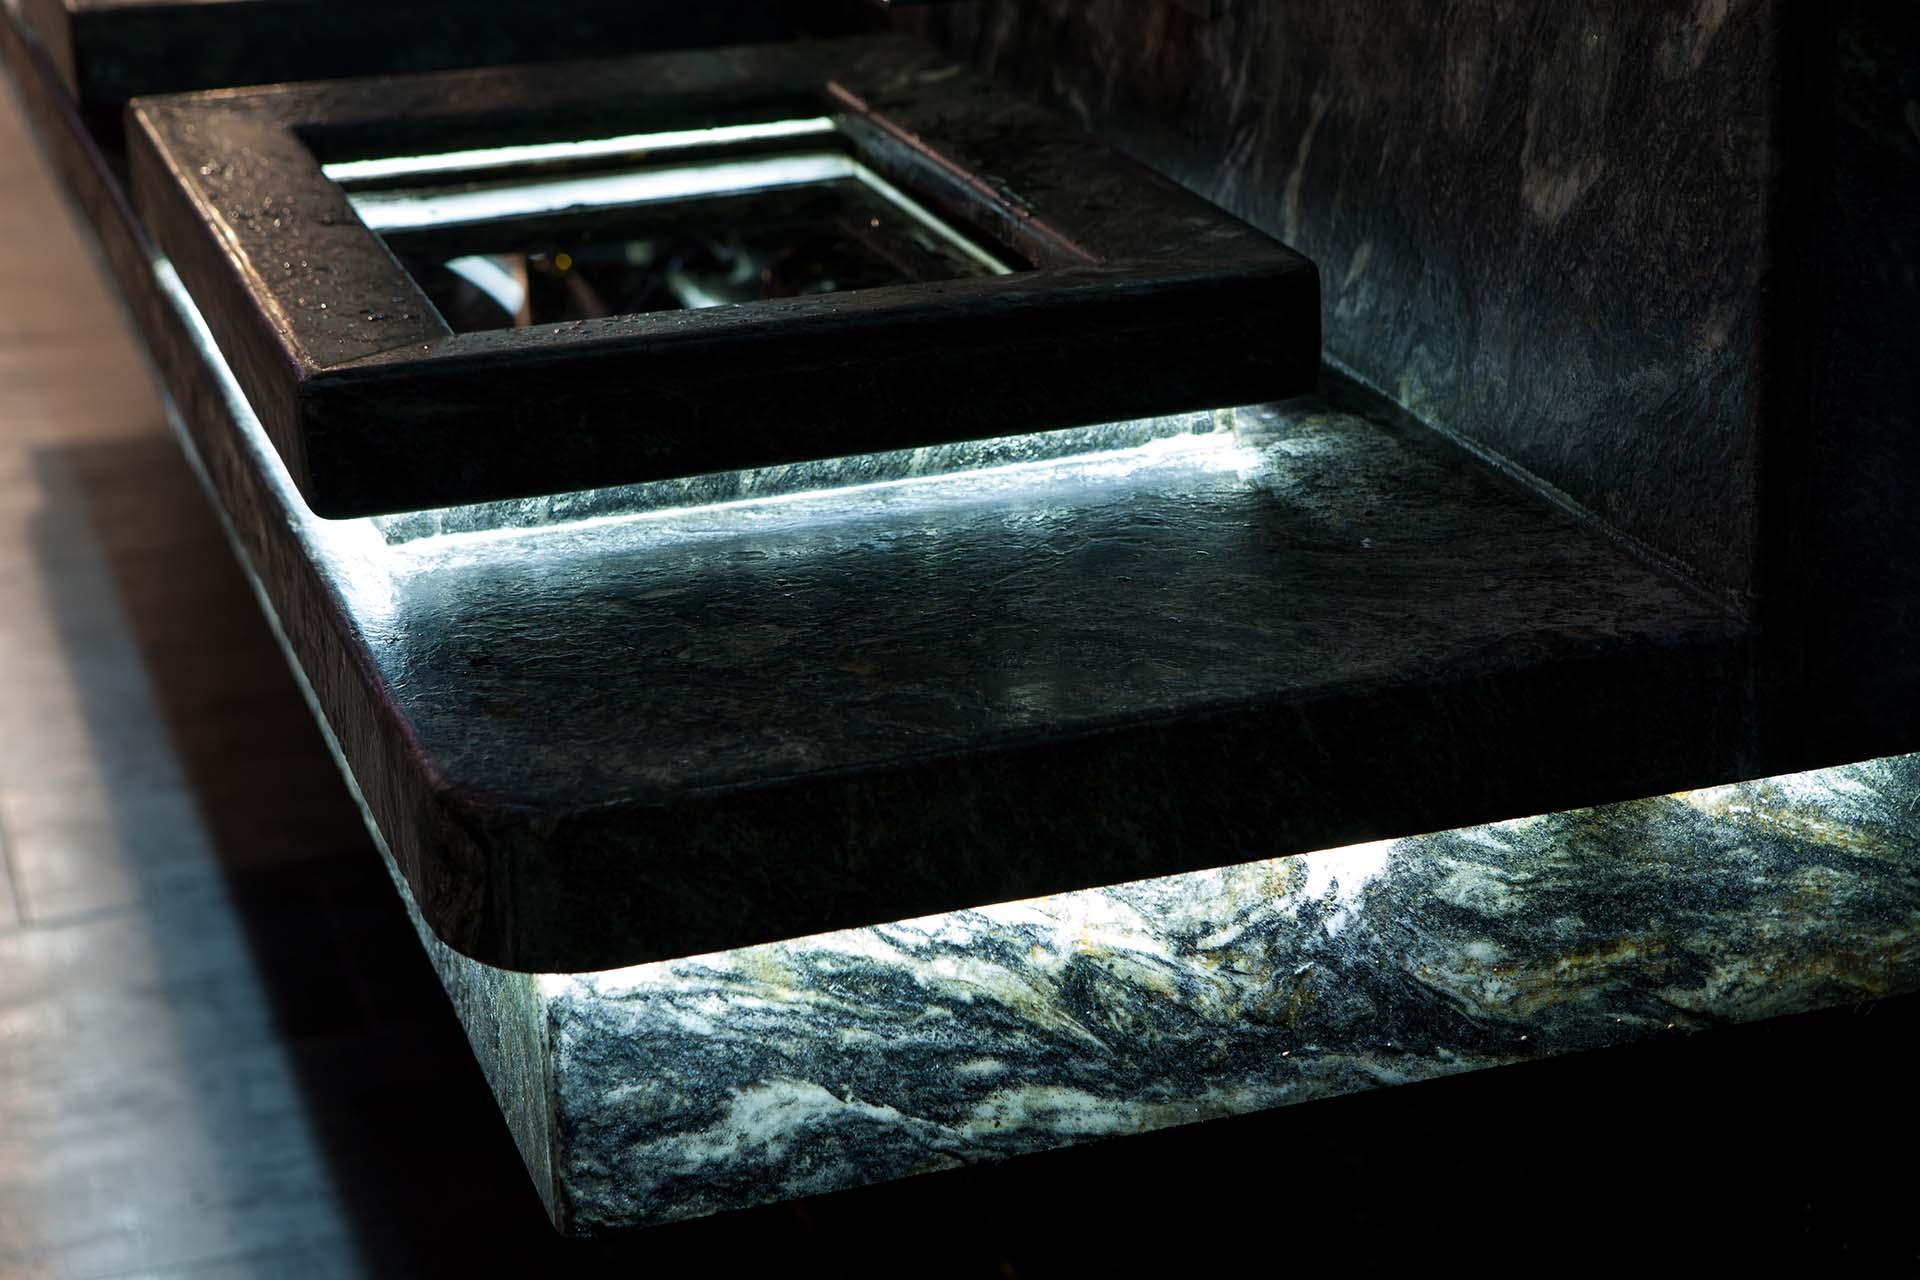 Умивалник на нощен клуб - полиран гранит и скрито осветление 4